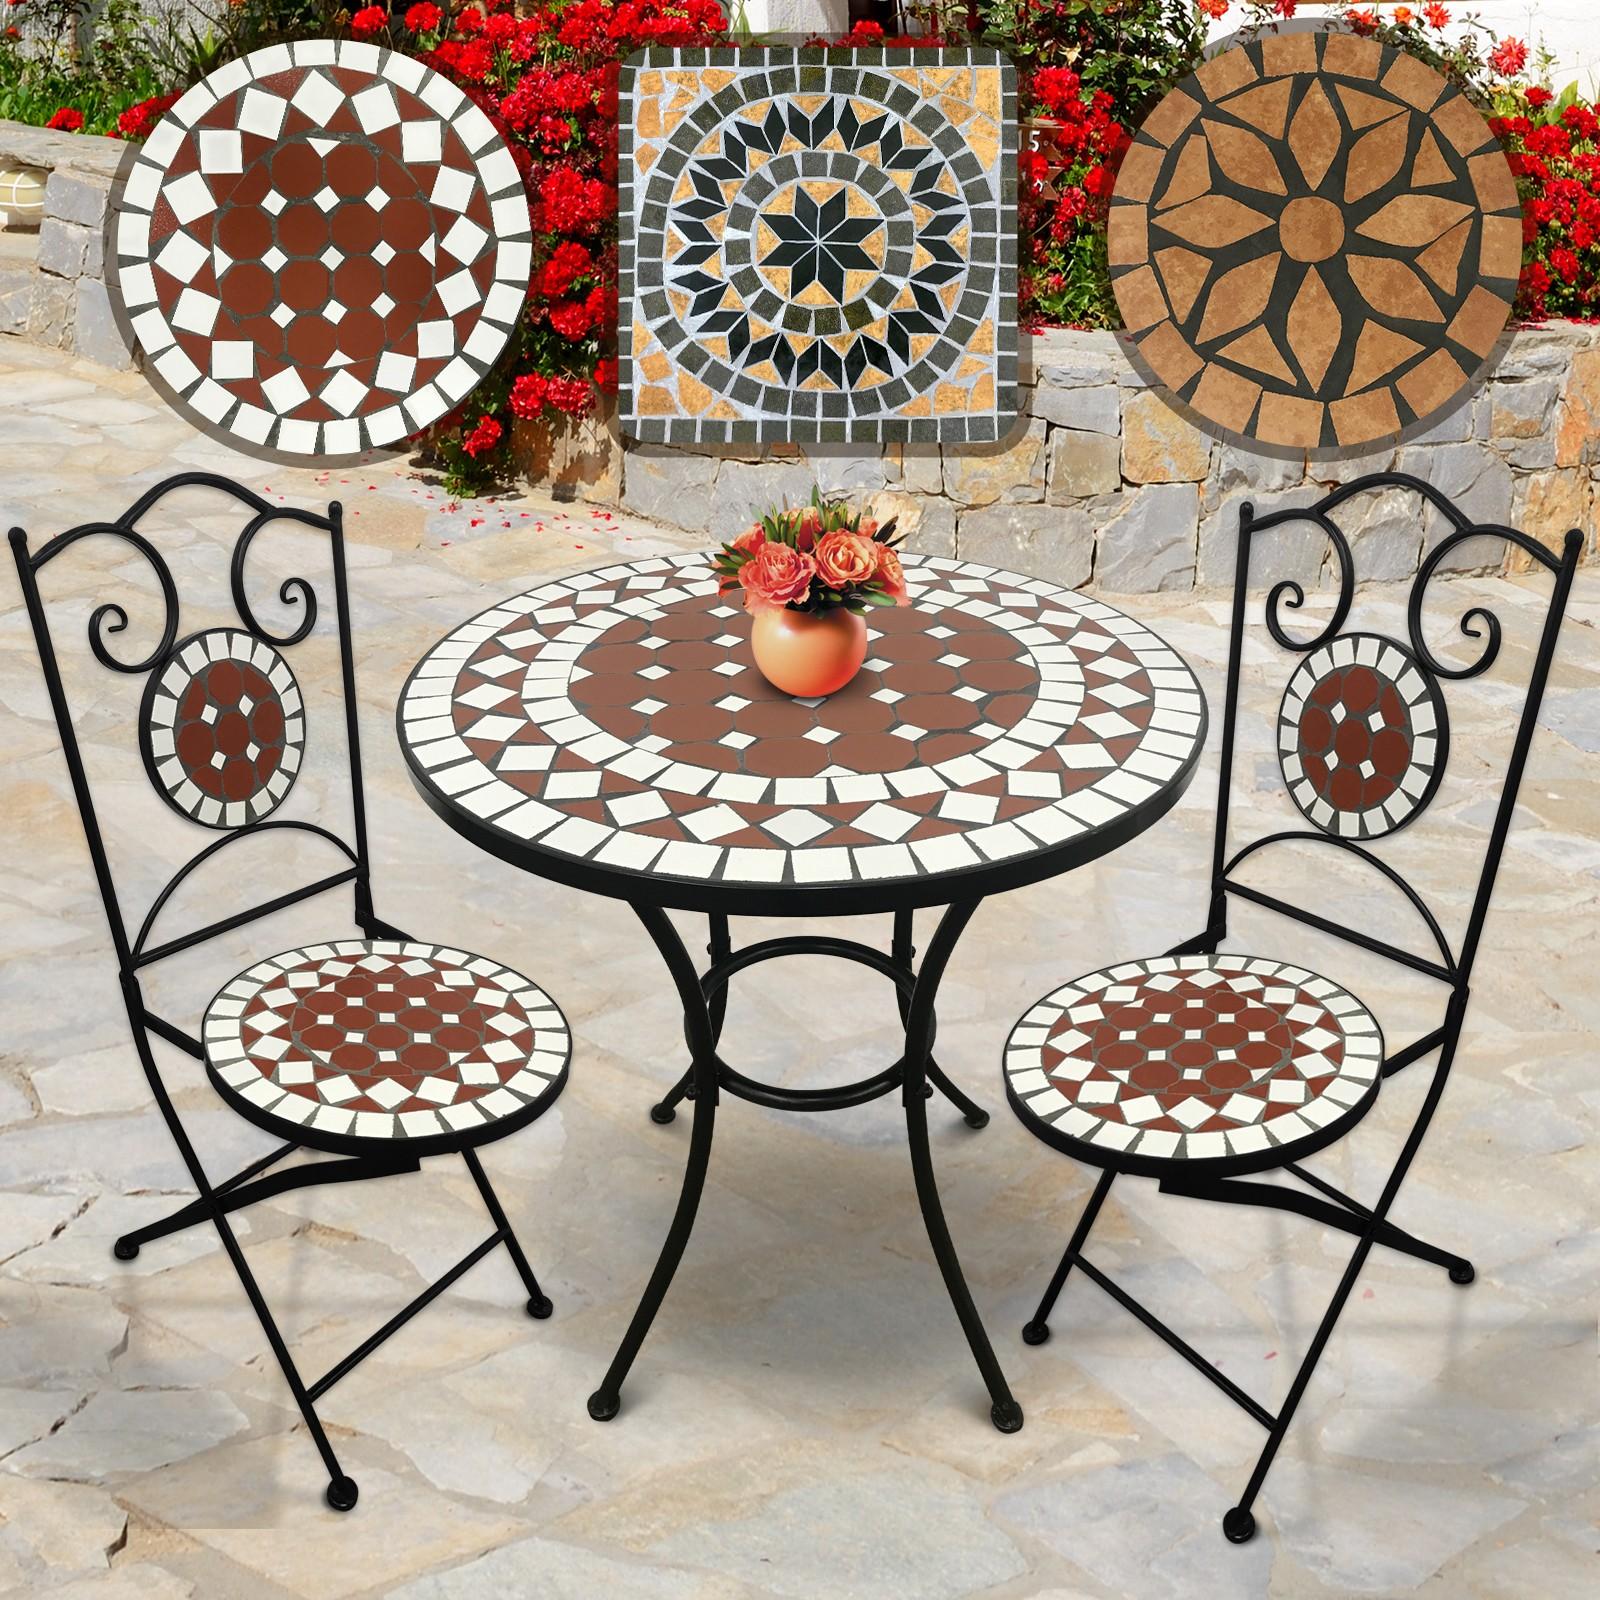 Mosaik Gartenmöbel Set : mosaik gartenm bel set tisch 2 st hle garten balkon ~ Watch28wear.com Haus und Dekorationen